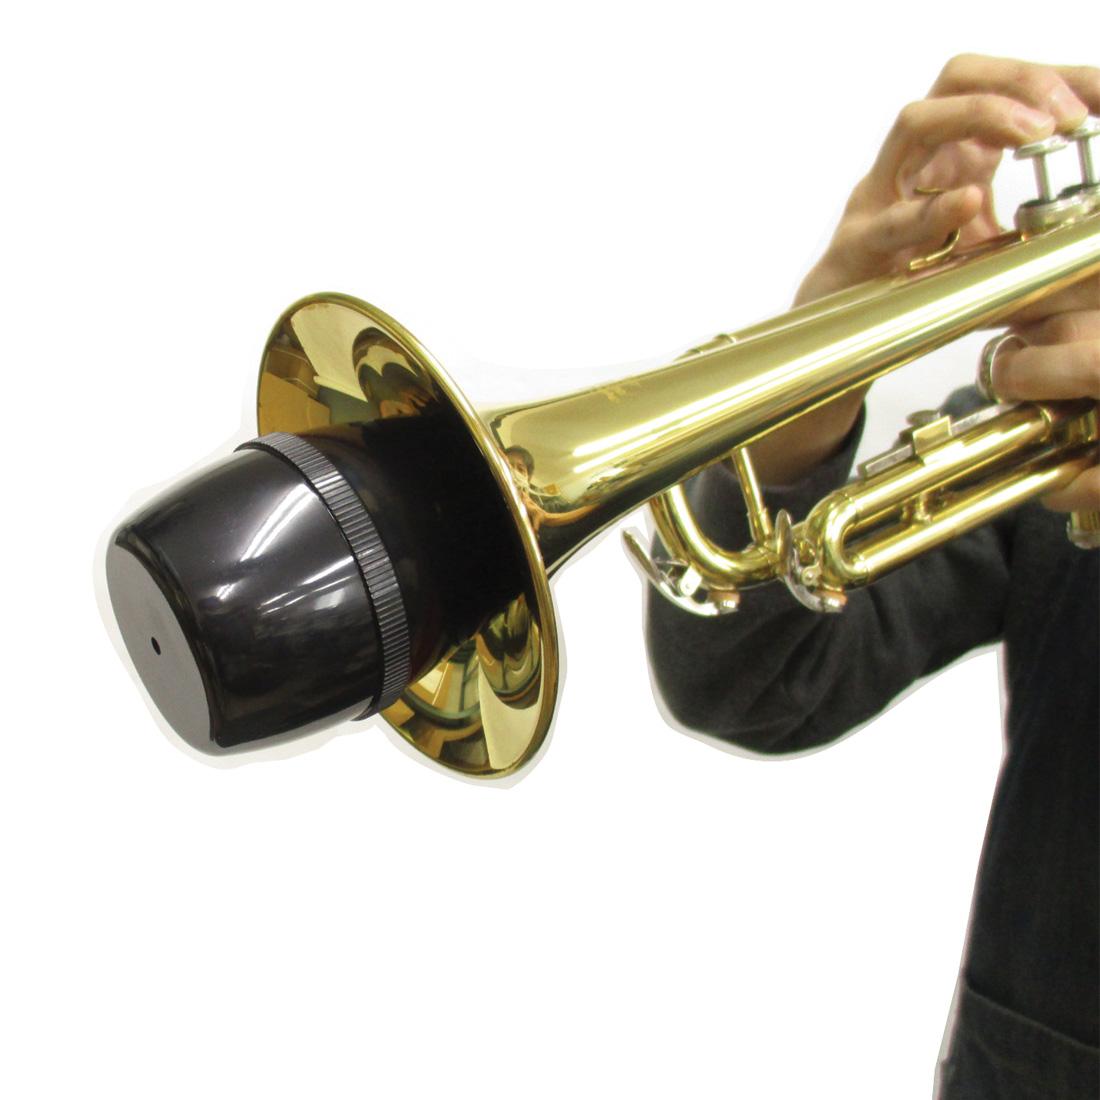 MTR-P2はベルにしっかりはめて使用します。*練習用ミュートは、演奏時の音を小さくする物です。音を消すものではありません。ご使用の際は、練習時間帯など十分にご配慮の上ご使用ください。